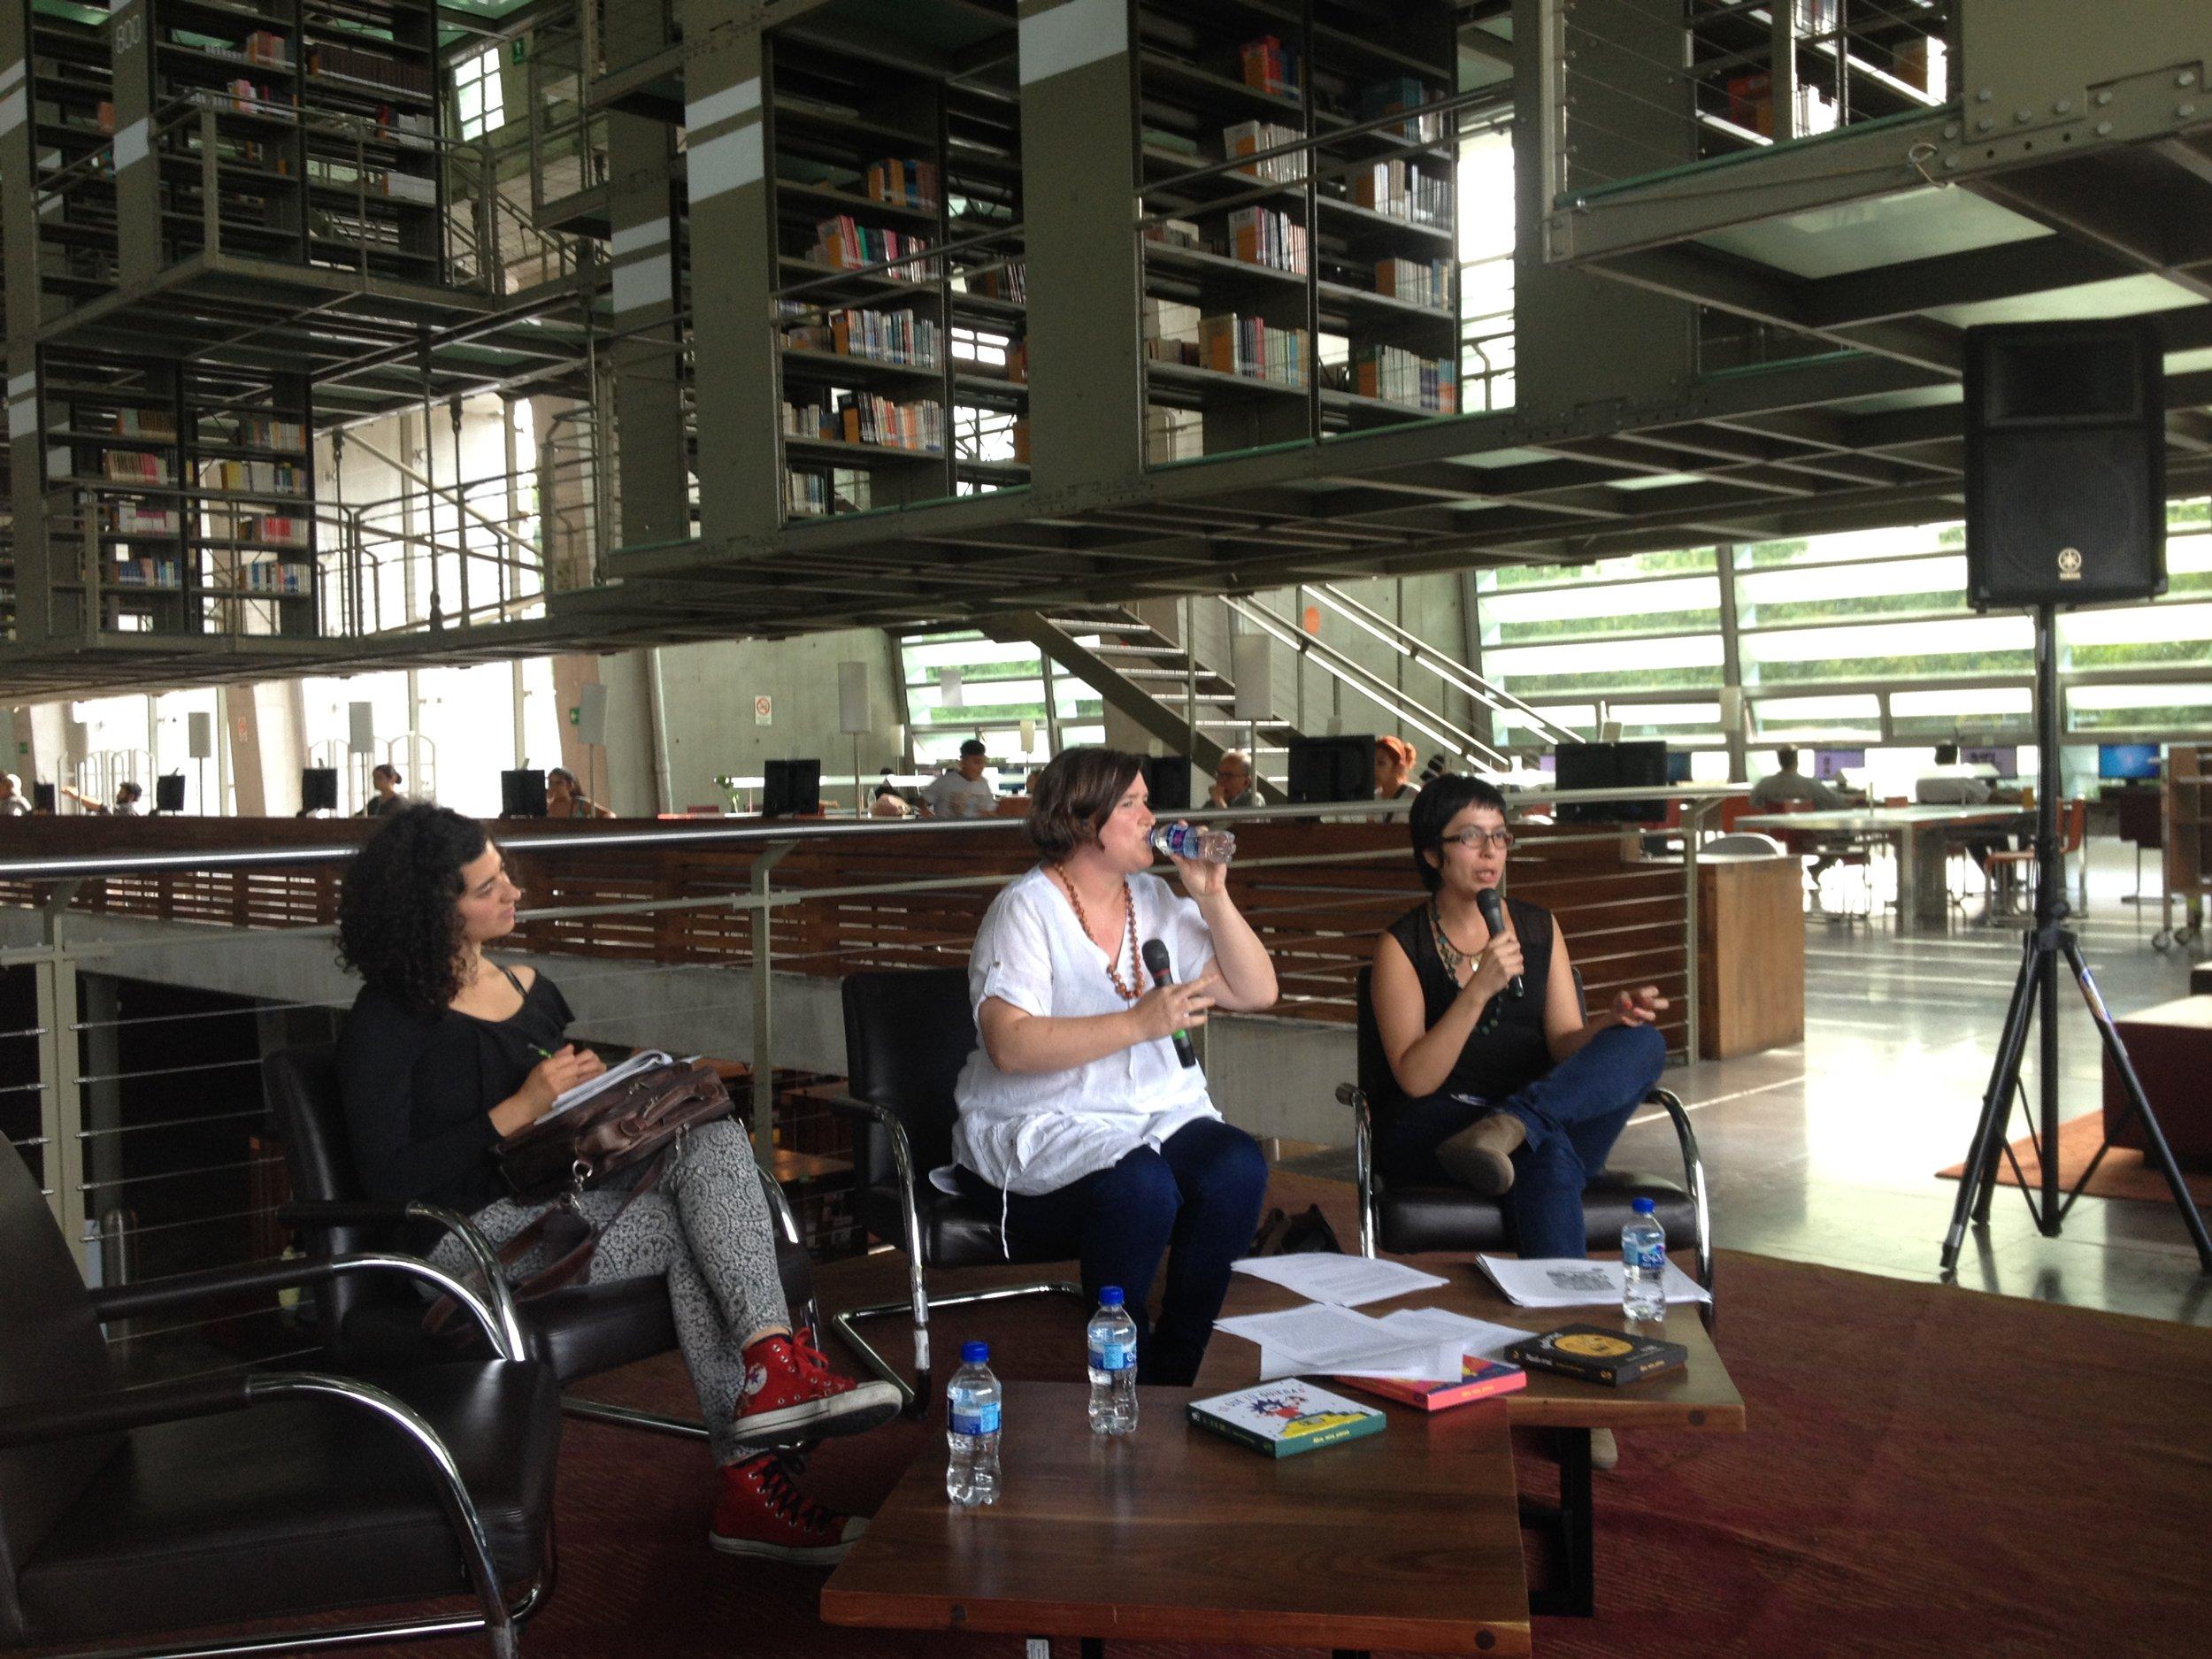 Rita Guidarelli, del colectivo Ludosofando, Ellen Duthie, bebiendo agua,y Daniela Martagón, hablando.